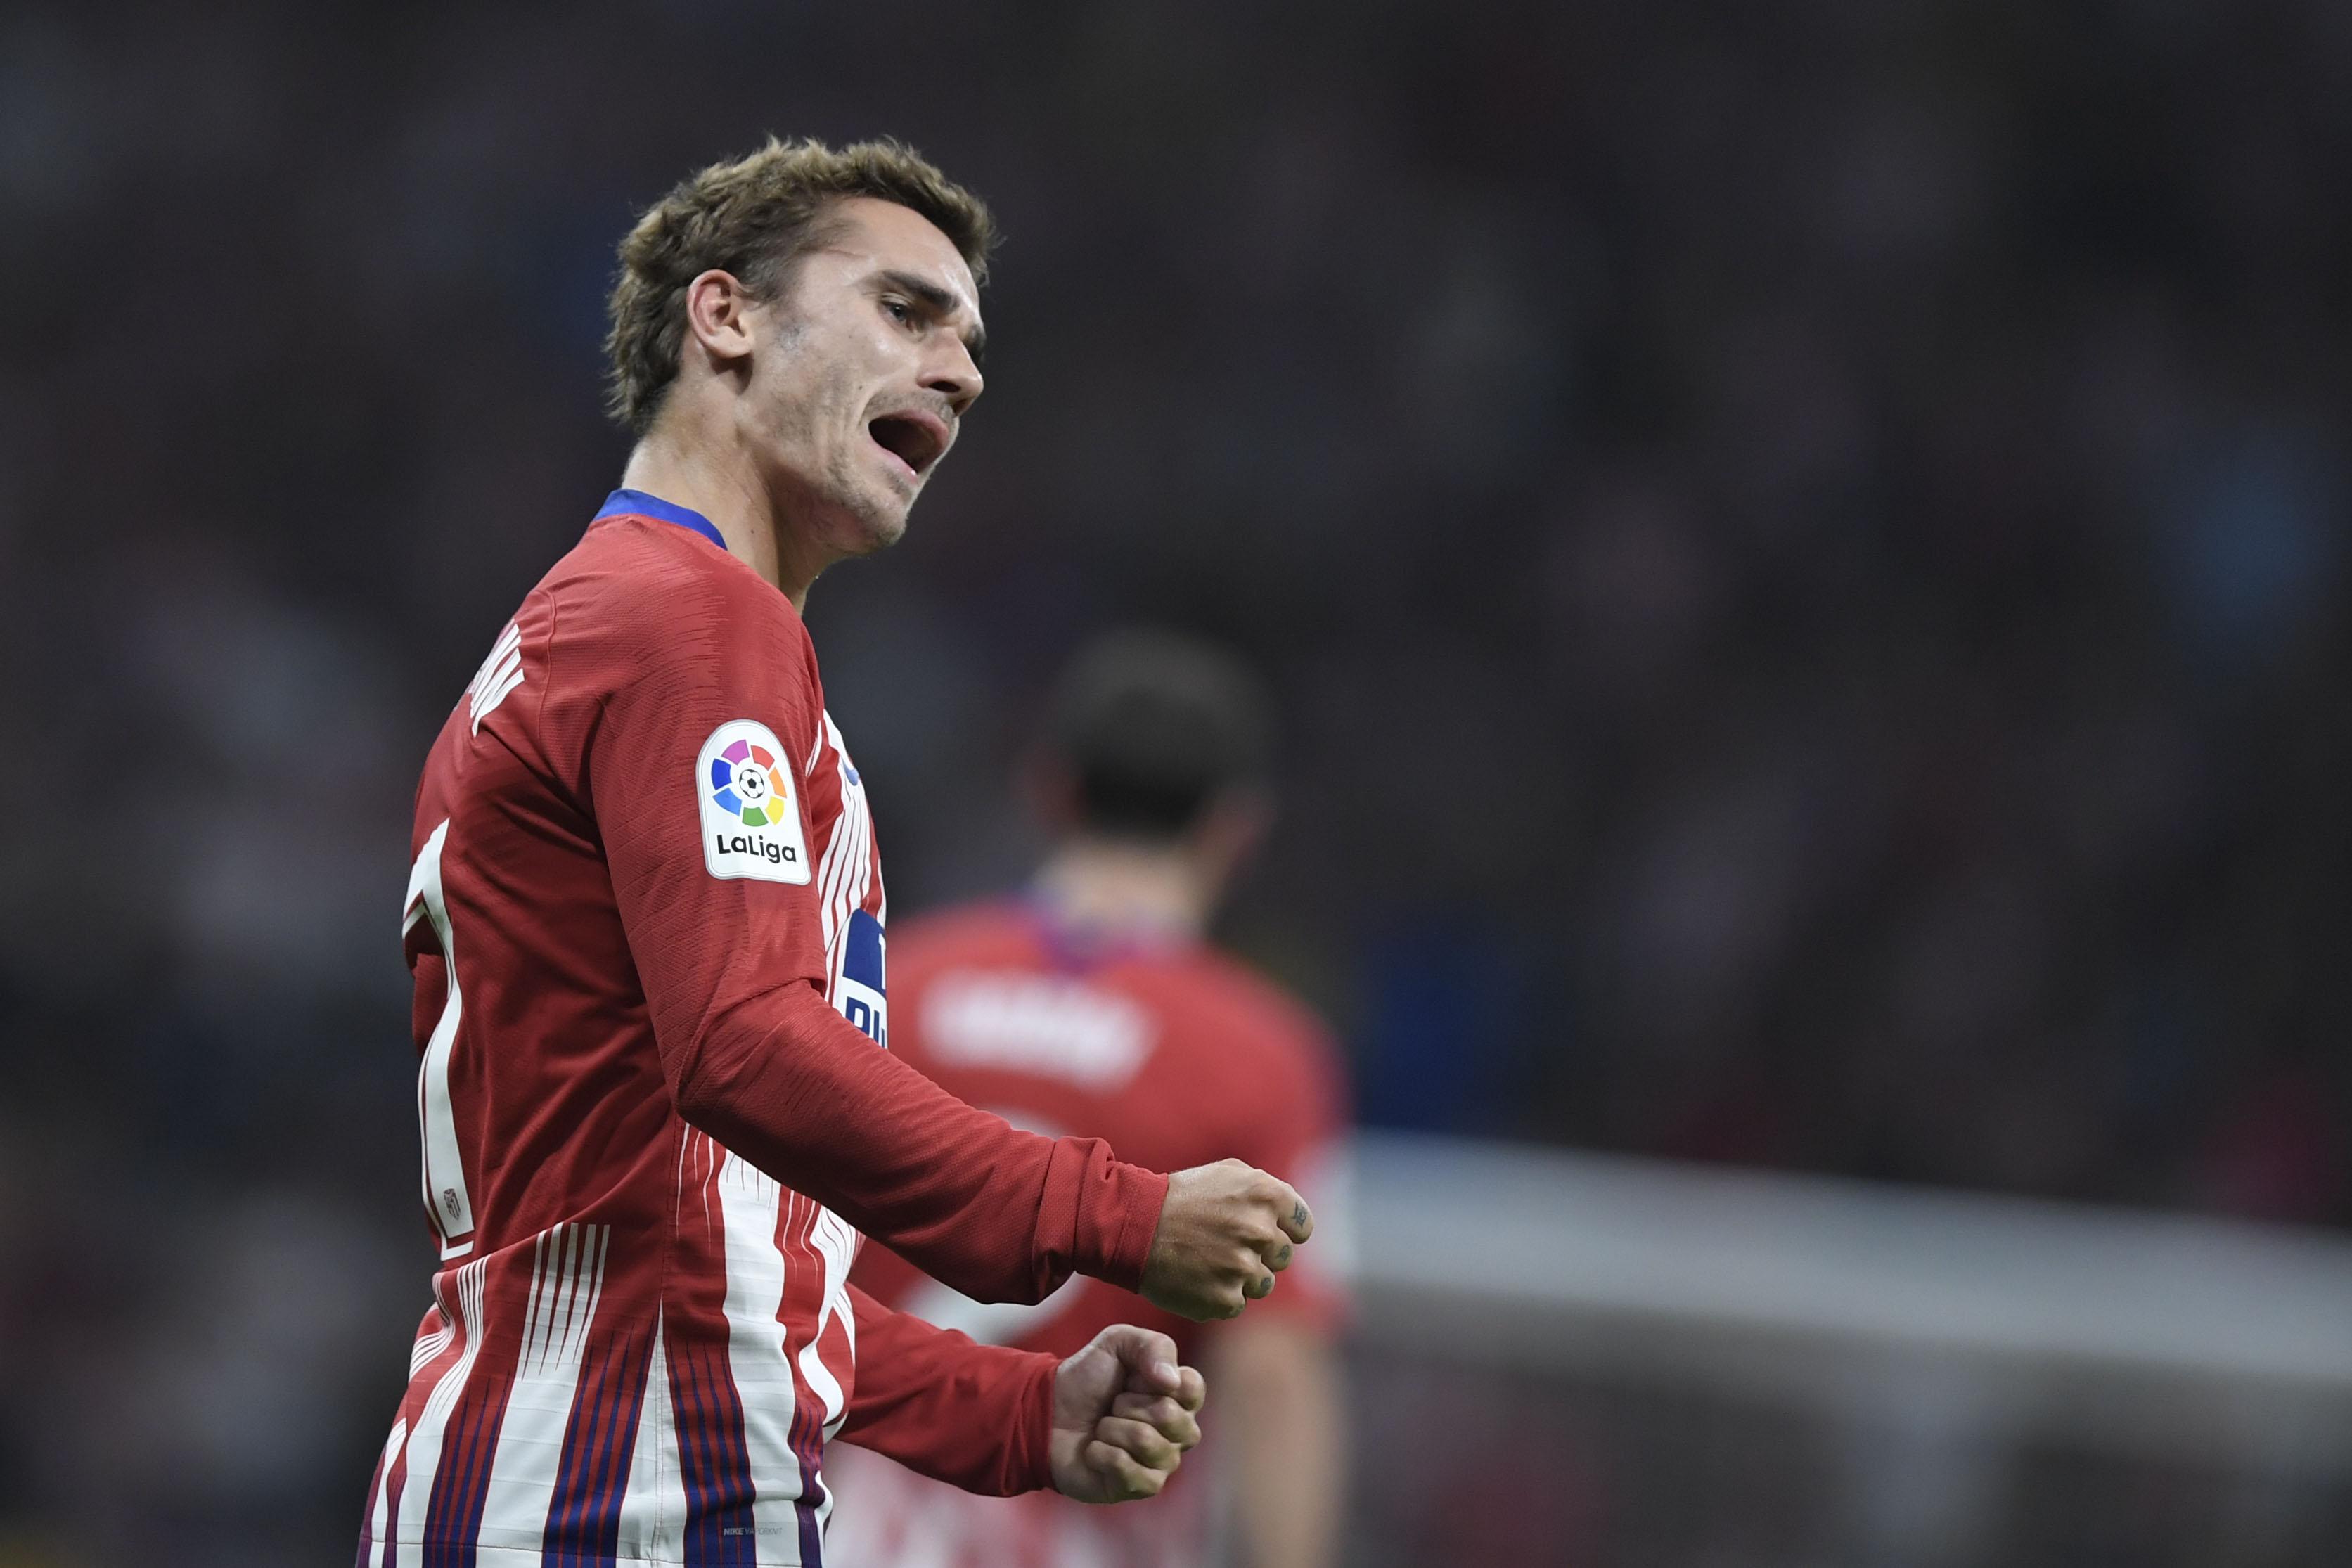 Football - Transferts - Le journal du mercato : Griezmann se voit finir aux Etats-Unis, le rêve catalan de Neymar